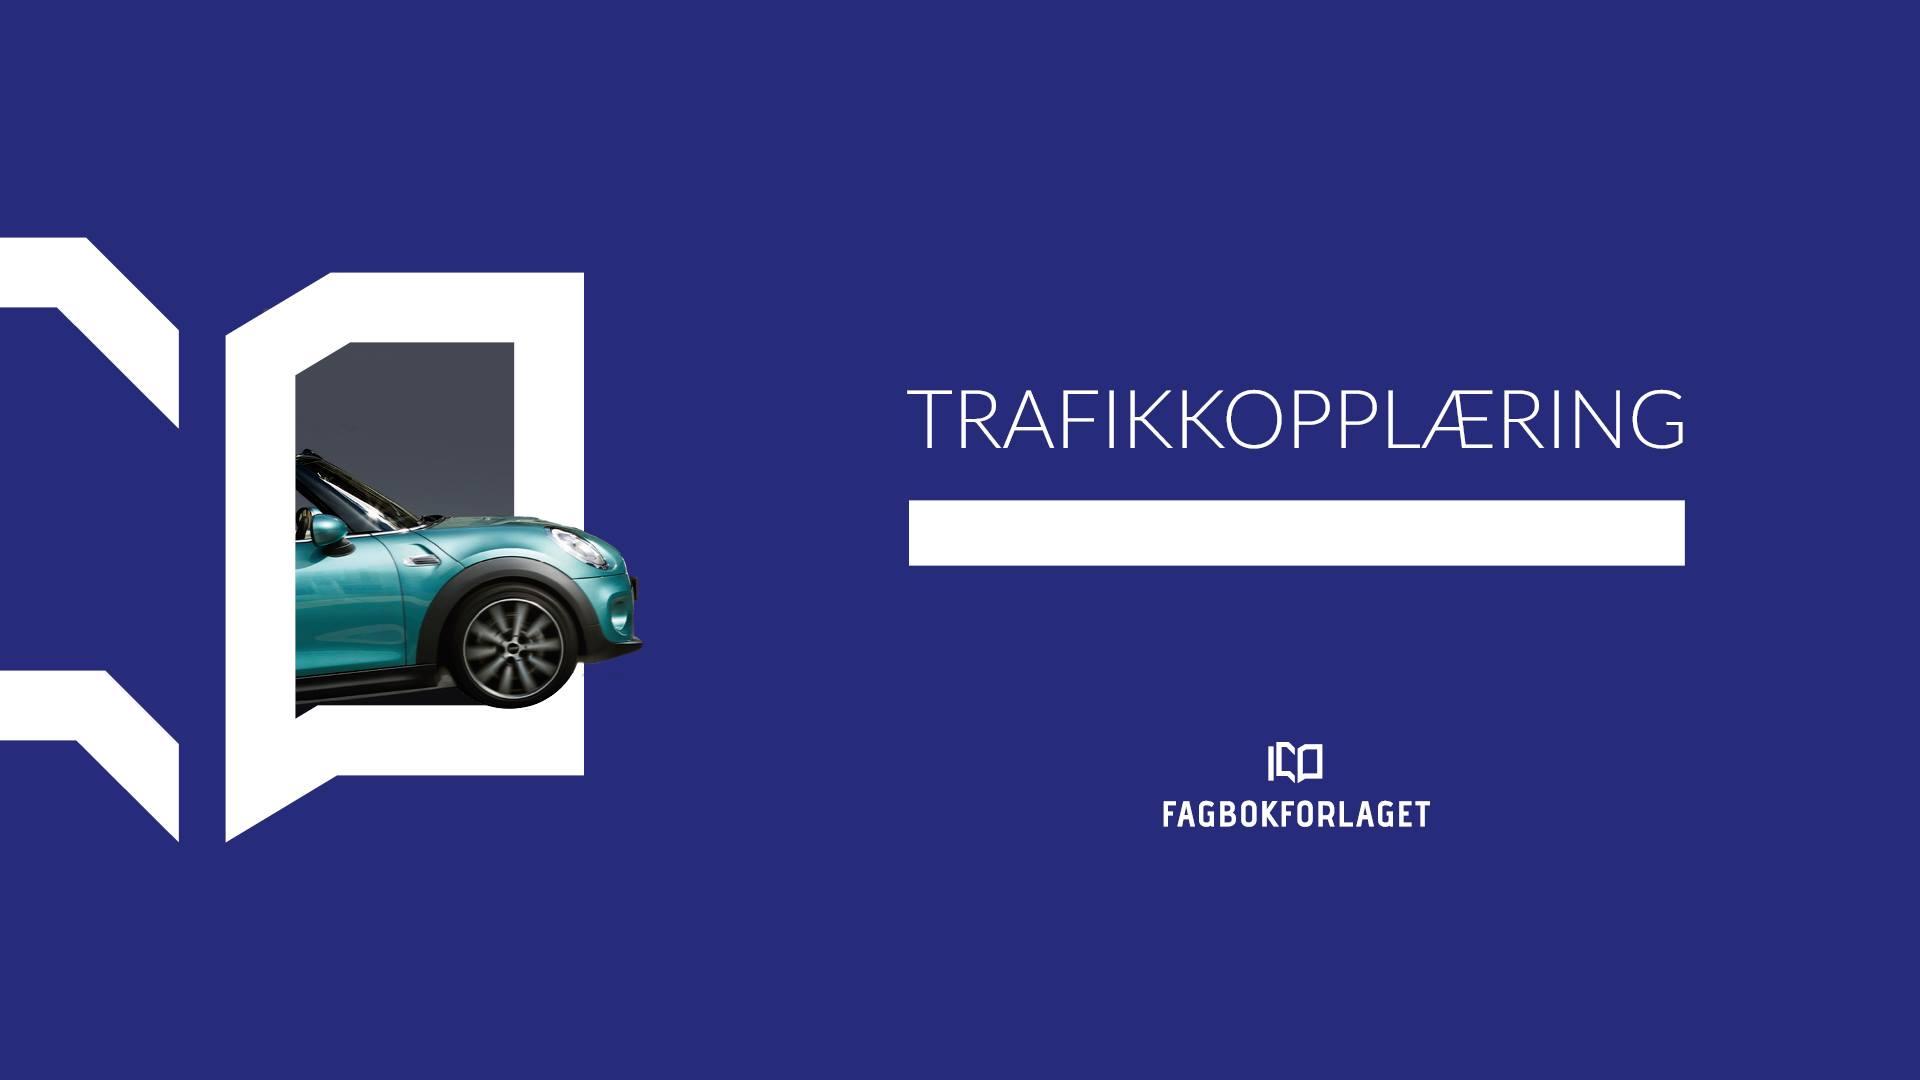 FB trafikk.jpg